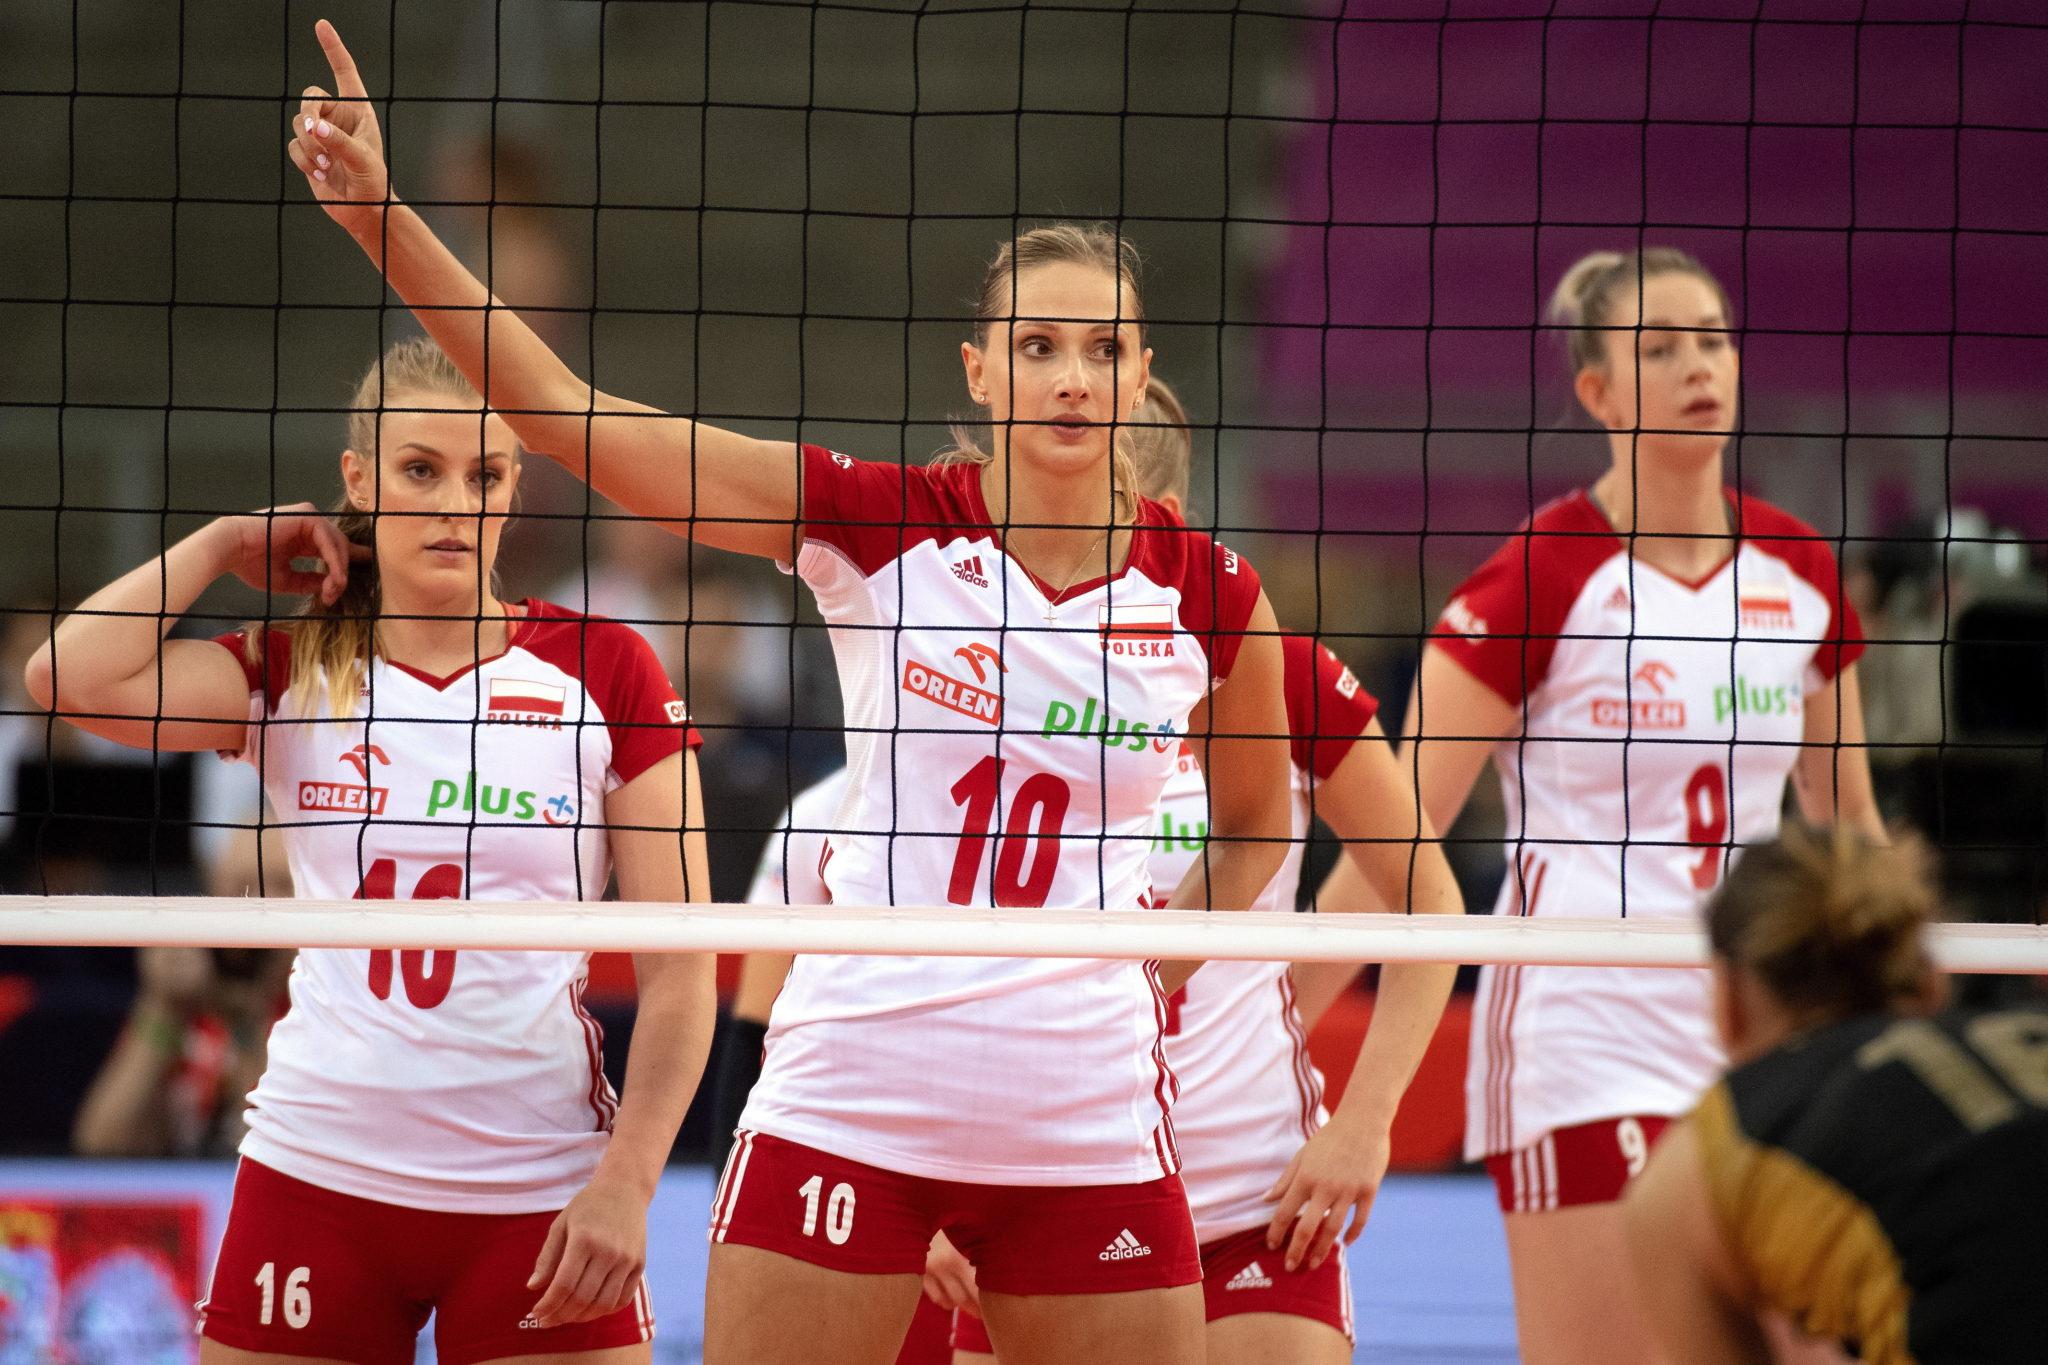 - Polskie siatkarki pokonały Ukrainę 3:1, odnosząc tym samym trzecie zwycięstwo podczas mistrzostw Europy 2019 i zapewniły sobie awans, fot. Grzegorz Michałowski, PAP